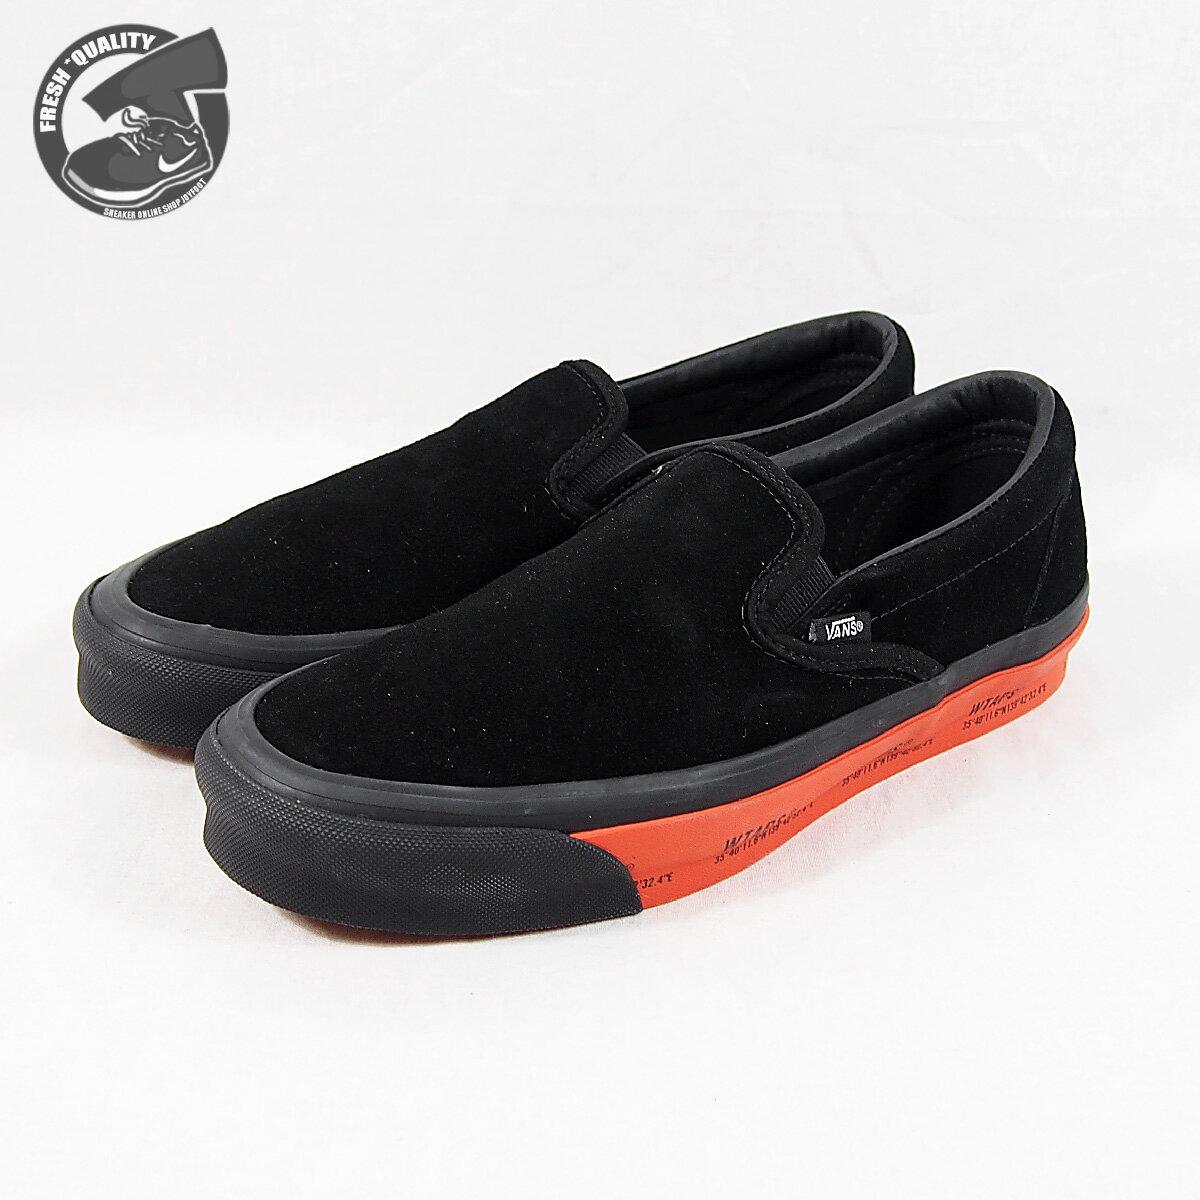 メンズ靴, スニーカー VN0A45JK20E VANS WTAPS X OG CLASSIC SLIP-ON (WTAPS)GPSBLACKORANGE X OG